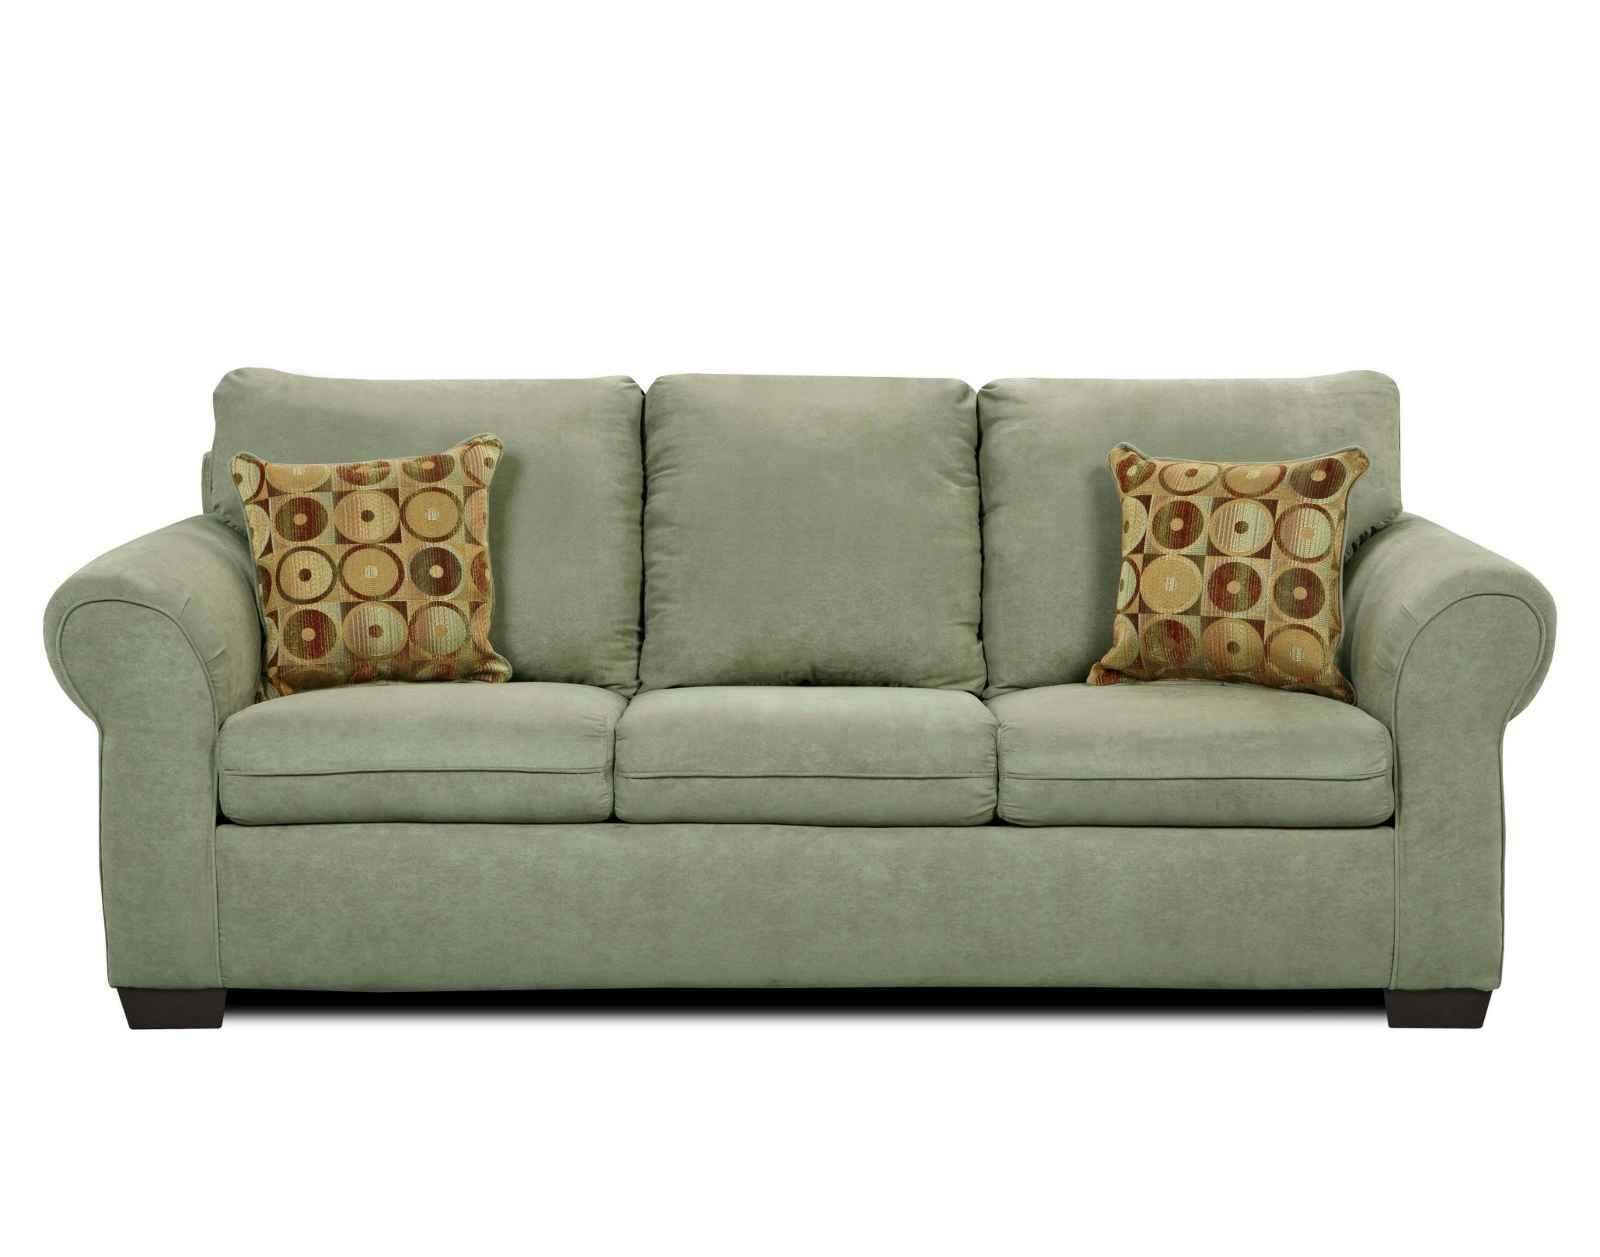 Sofa : Fresh Cheap Cool Sofas Best Home Design Creative In Cheap regarding Cool Cheap Sofas (Image 25 of 30)